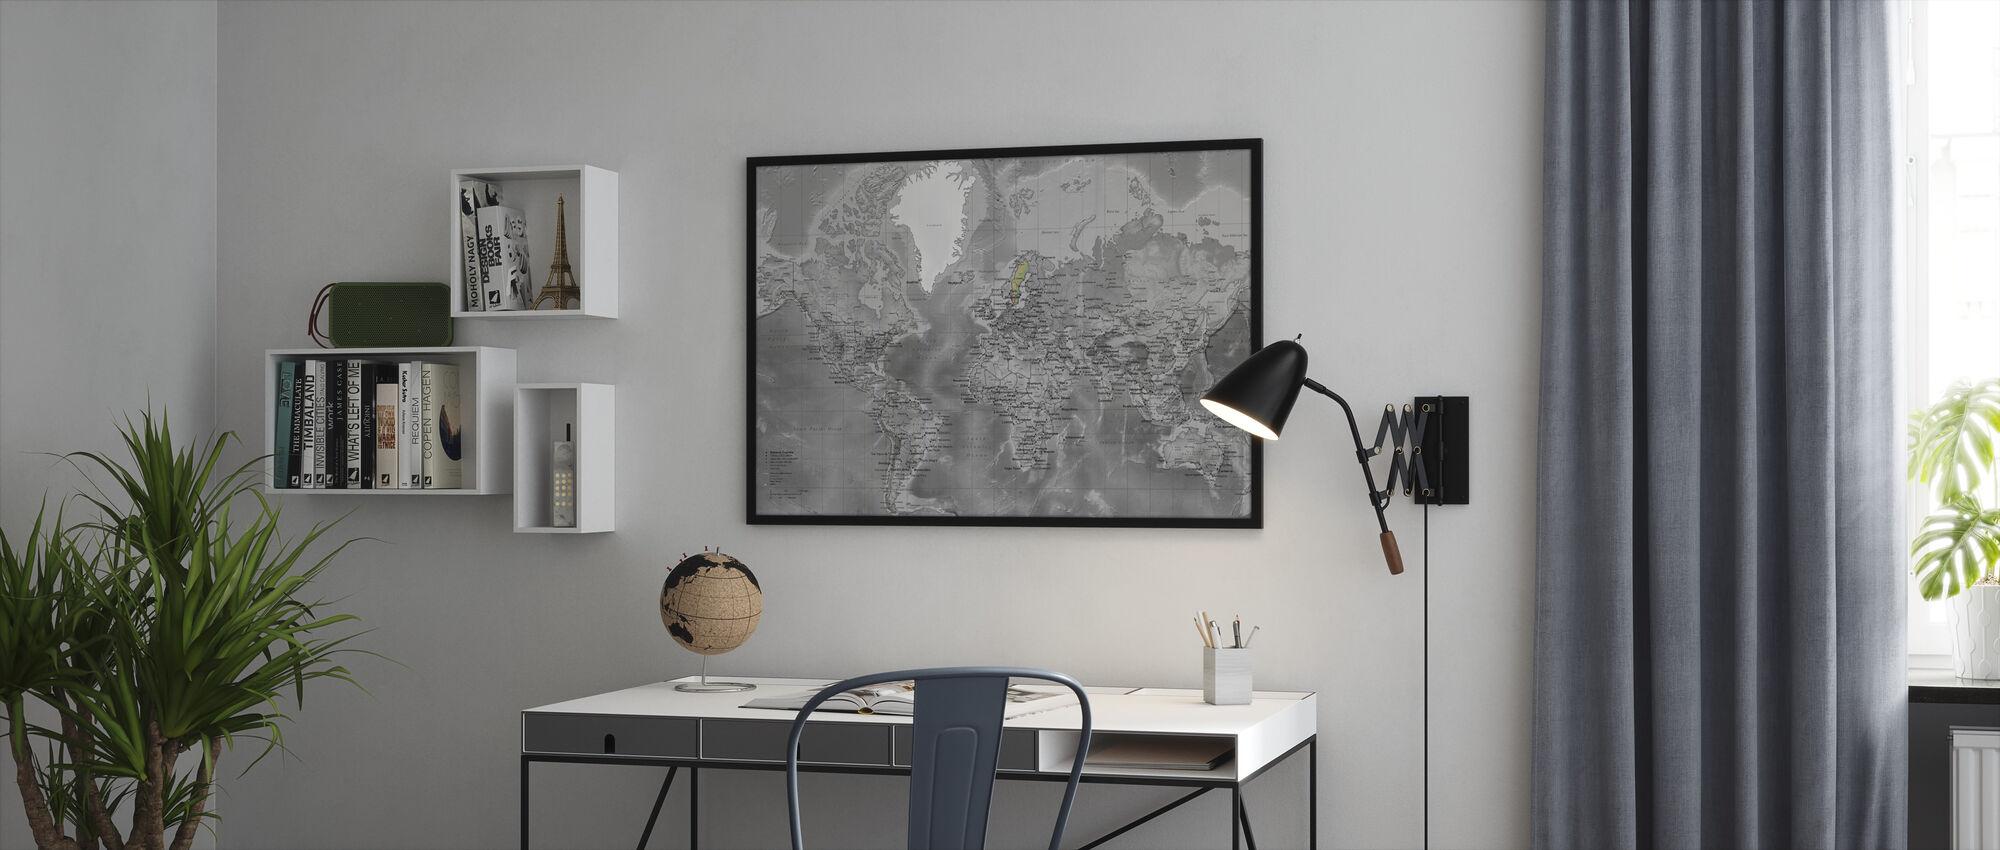 Maailmankartta - Yksityiskohtainen tiet - Colorsplash - Kehystetty kuva - Toimisto